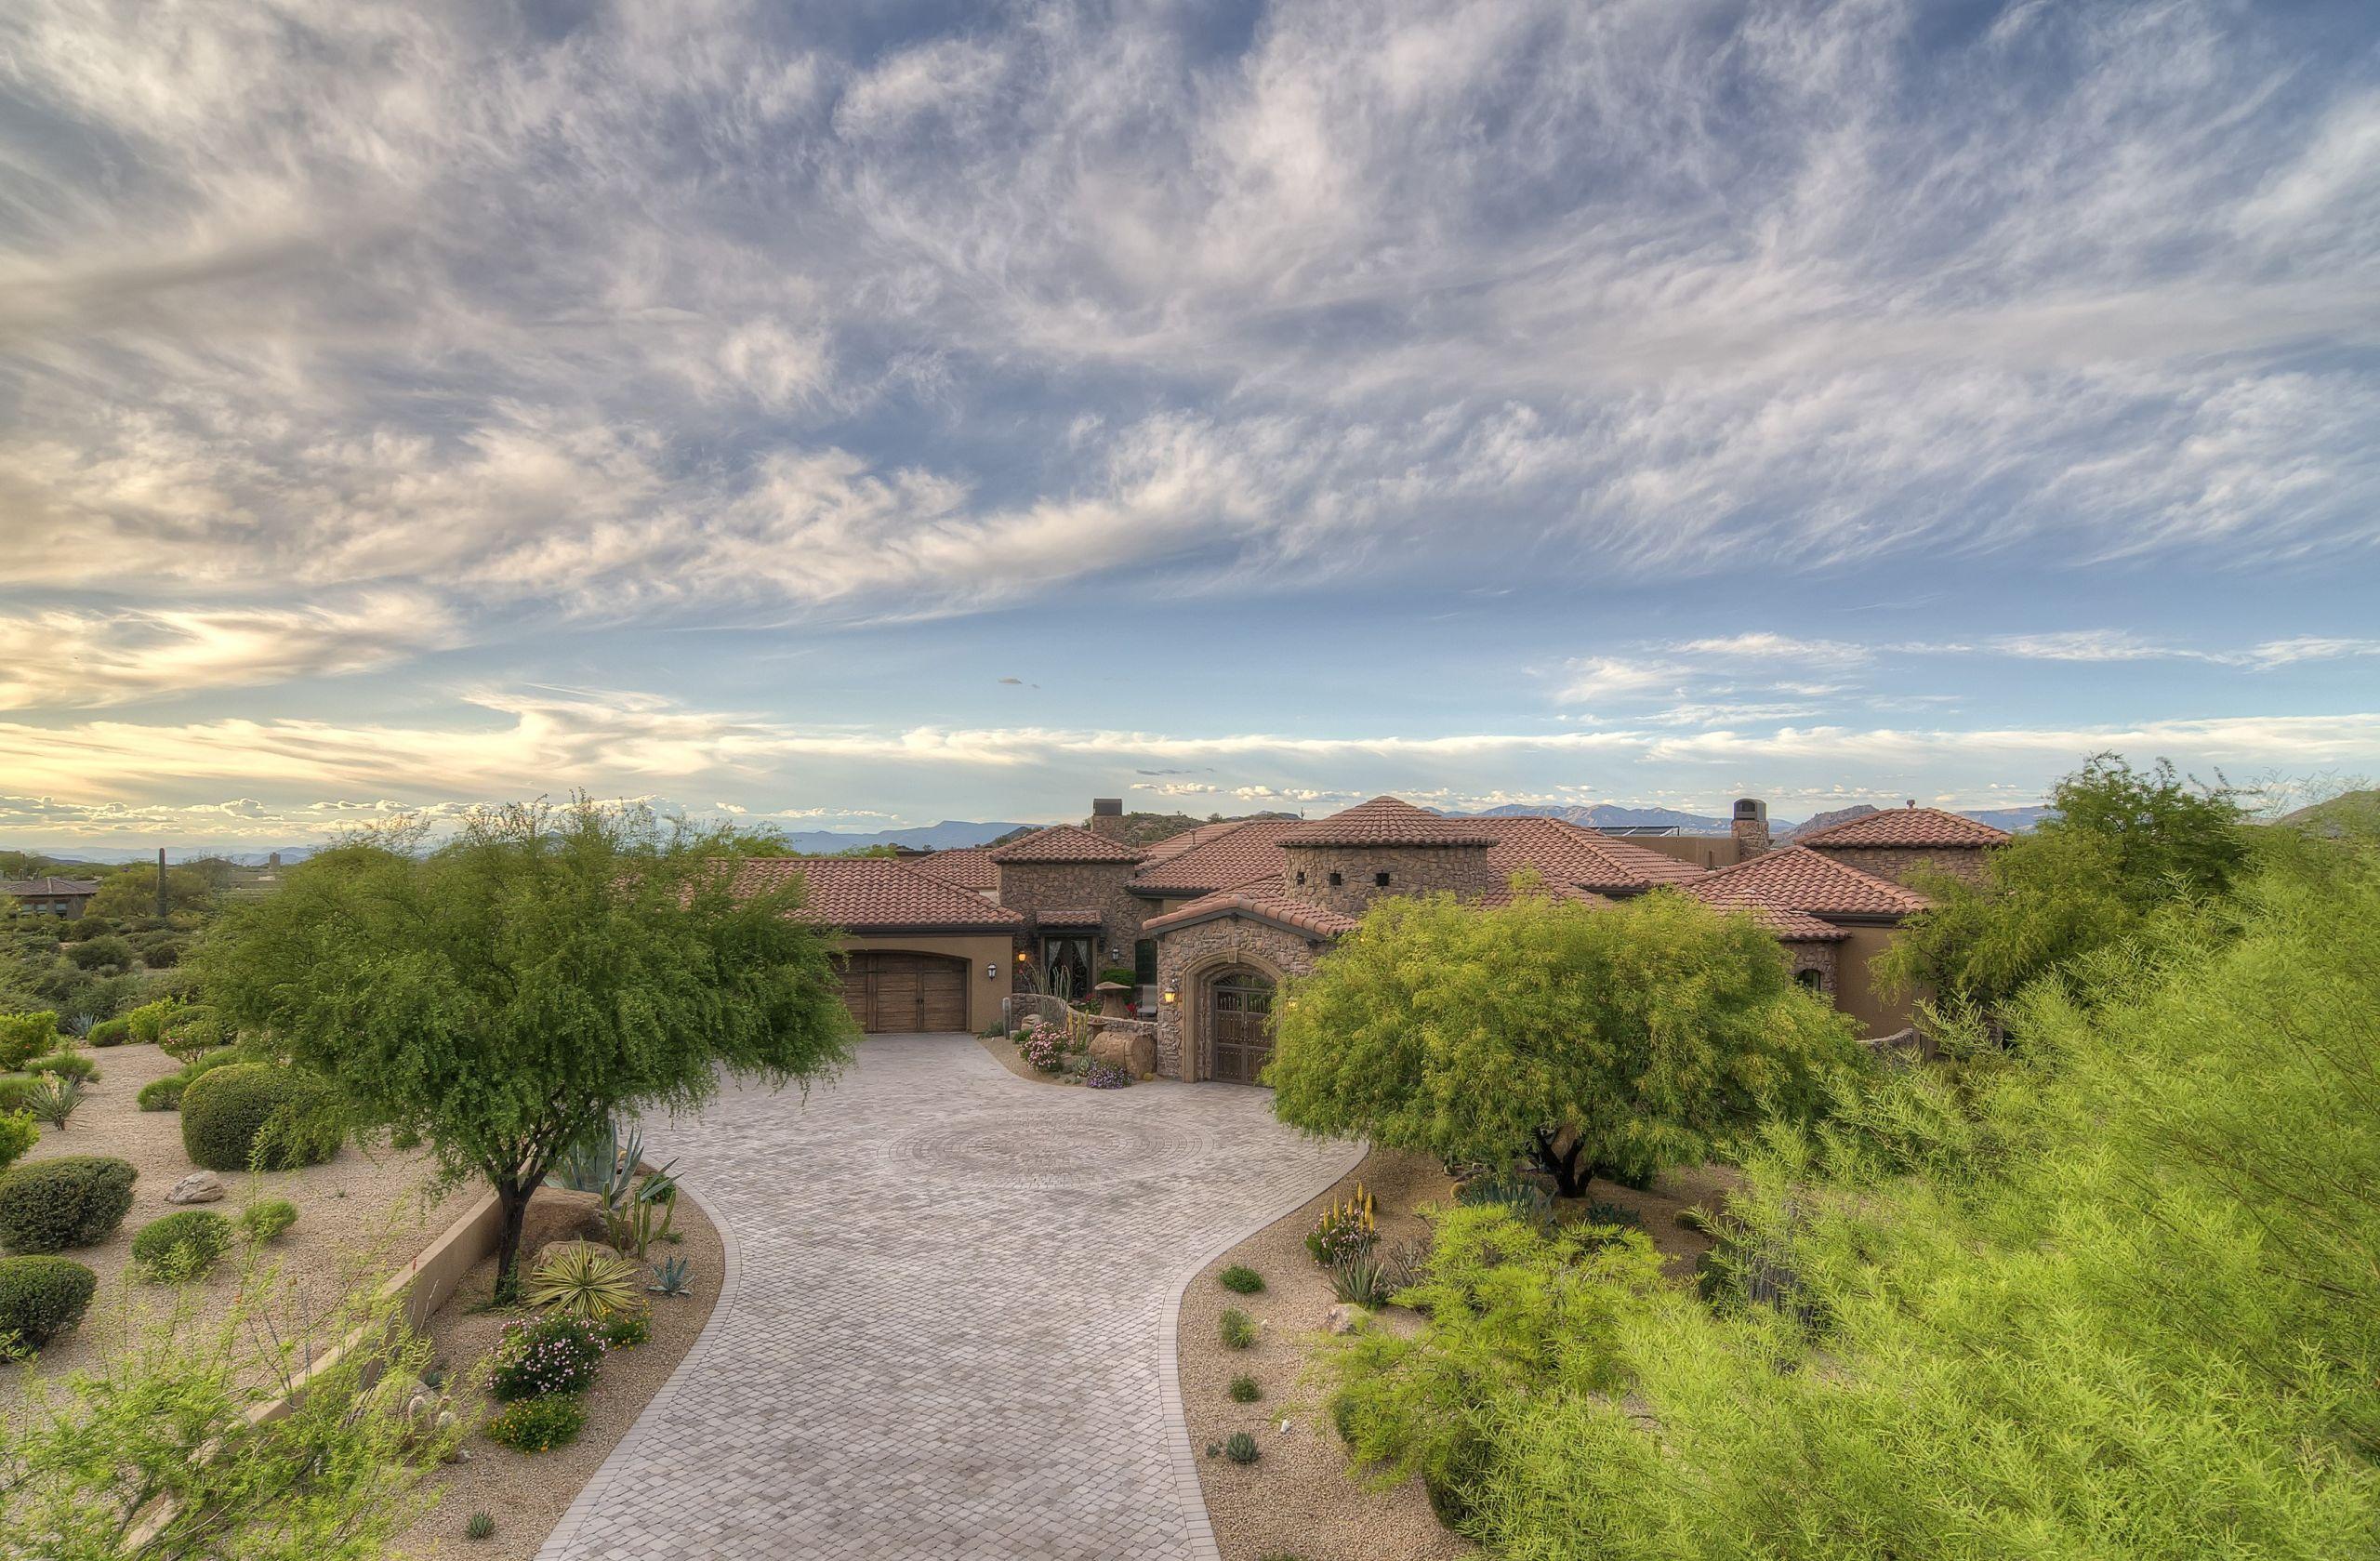 26868 N 117TH Place Scottsdale AZ 85262 | 6,088sqft 1.77 acres | 4bed+den 4.5bath